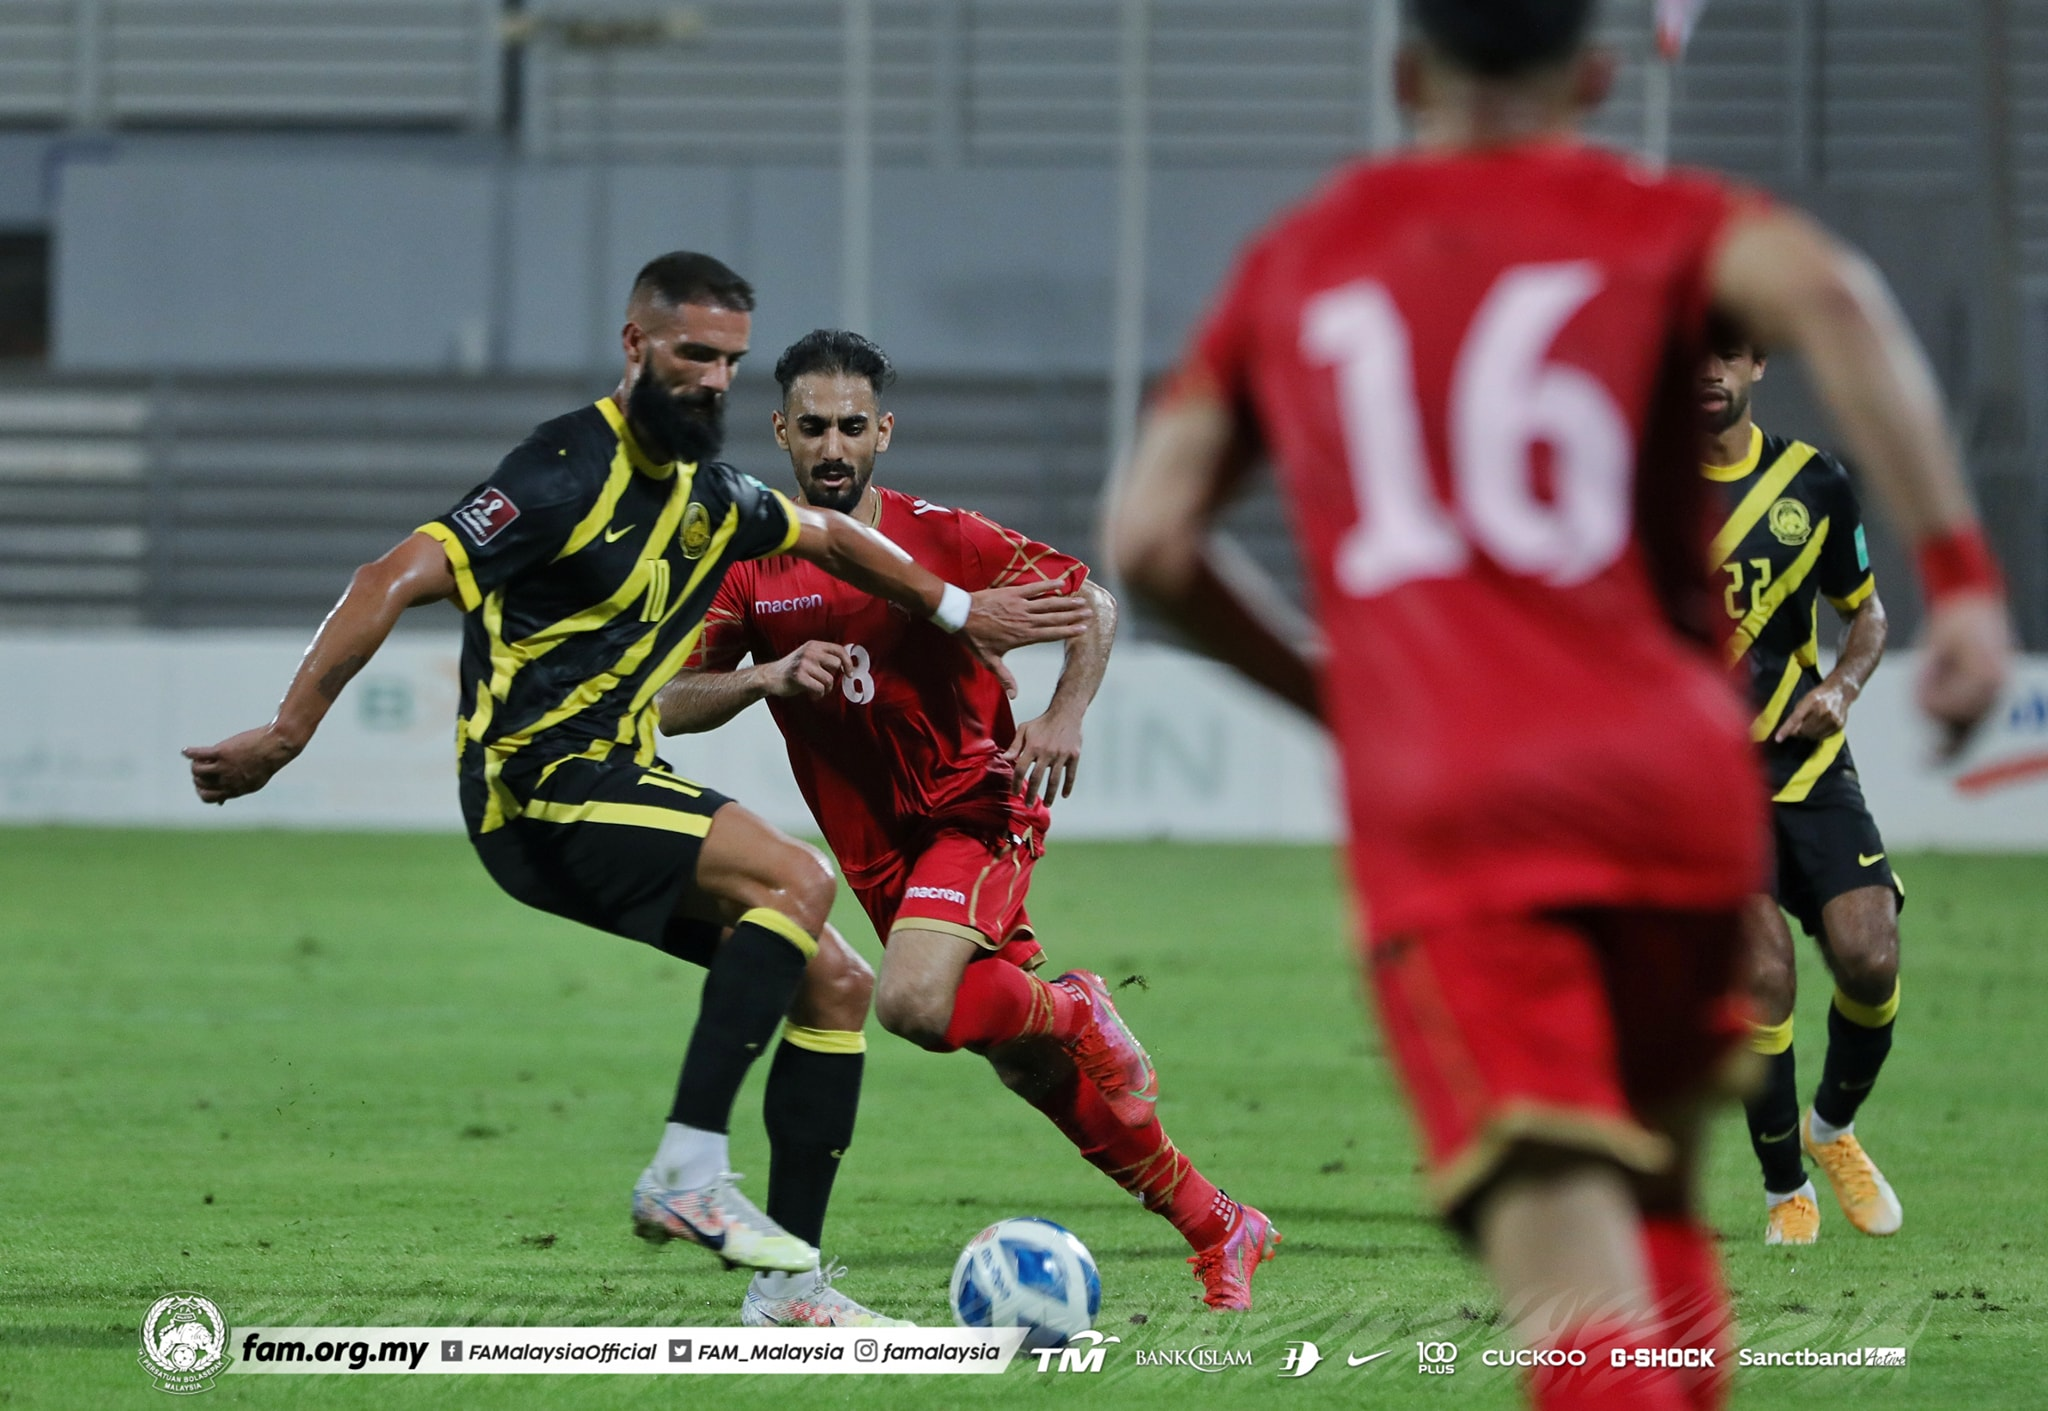 Liridon Krasniqi Malaysia Bahrain 2021